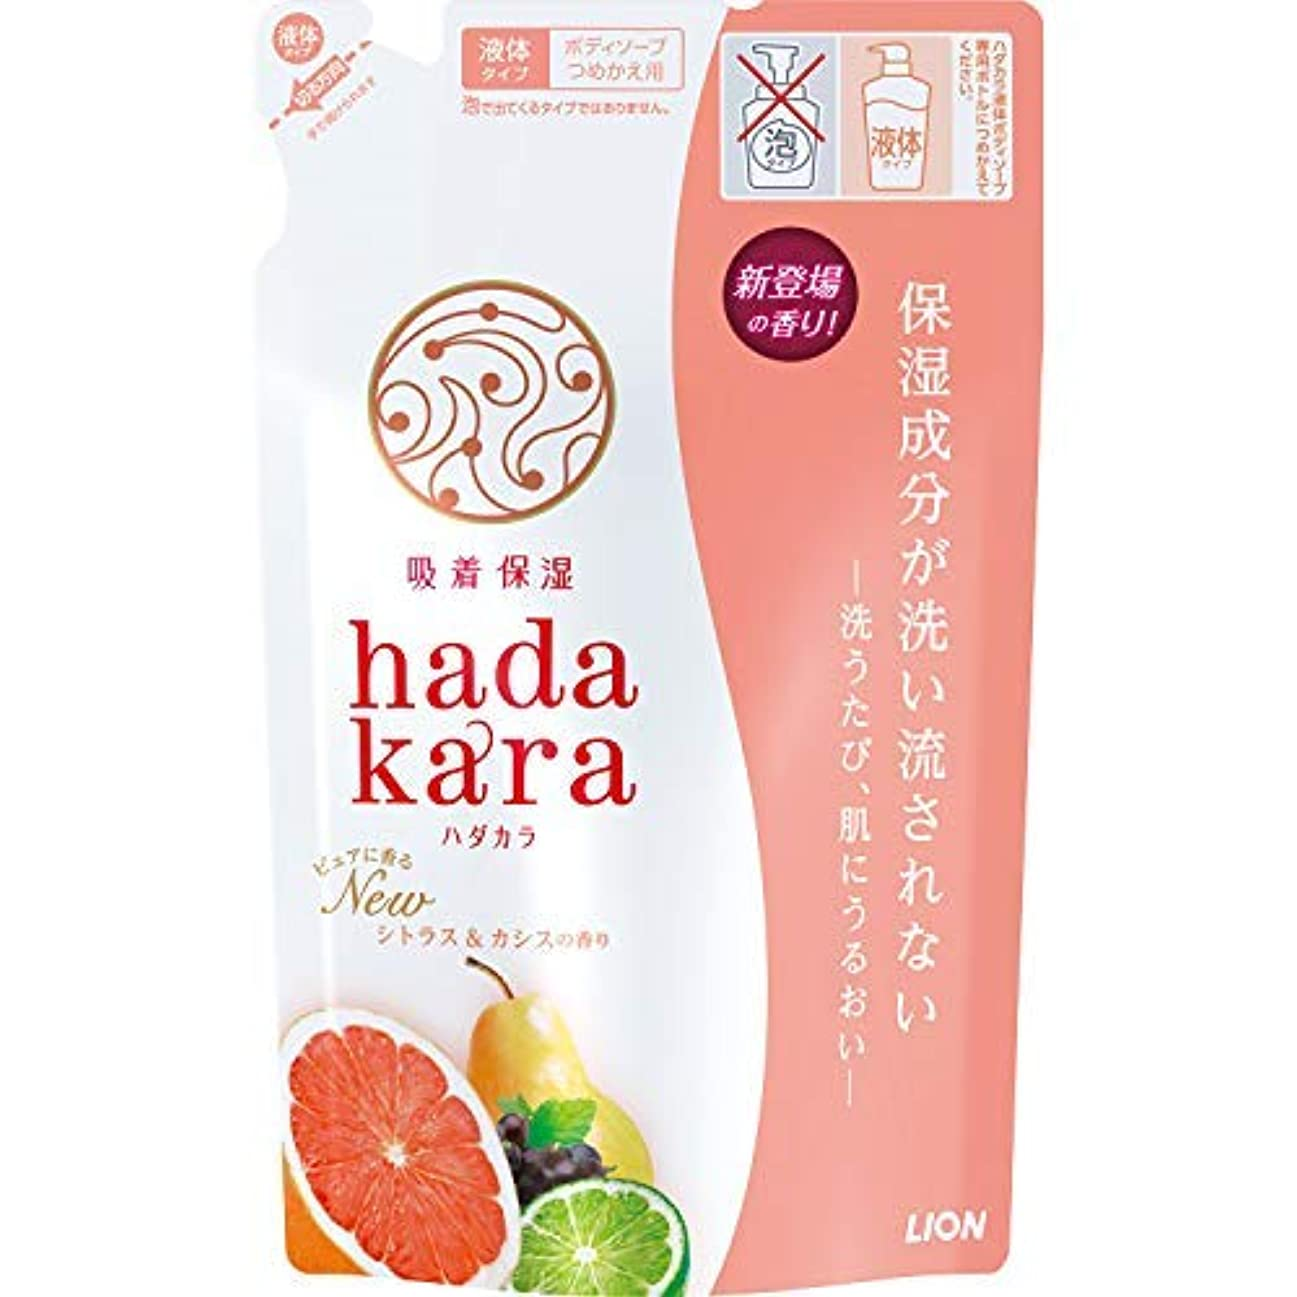 青落ち着いて骨髄hadakara(ハダカラ)ボディソープ シトラス&カシスの香り 詰替え用 360ml × 3個セット